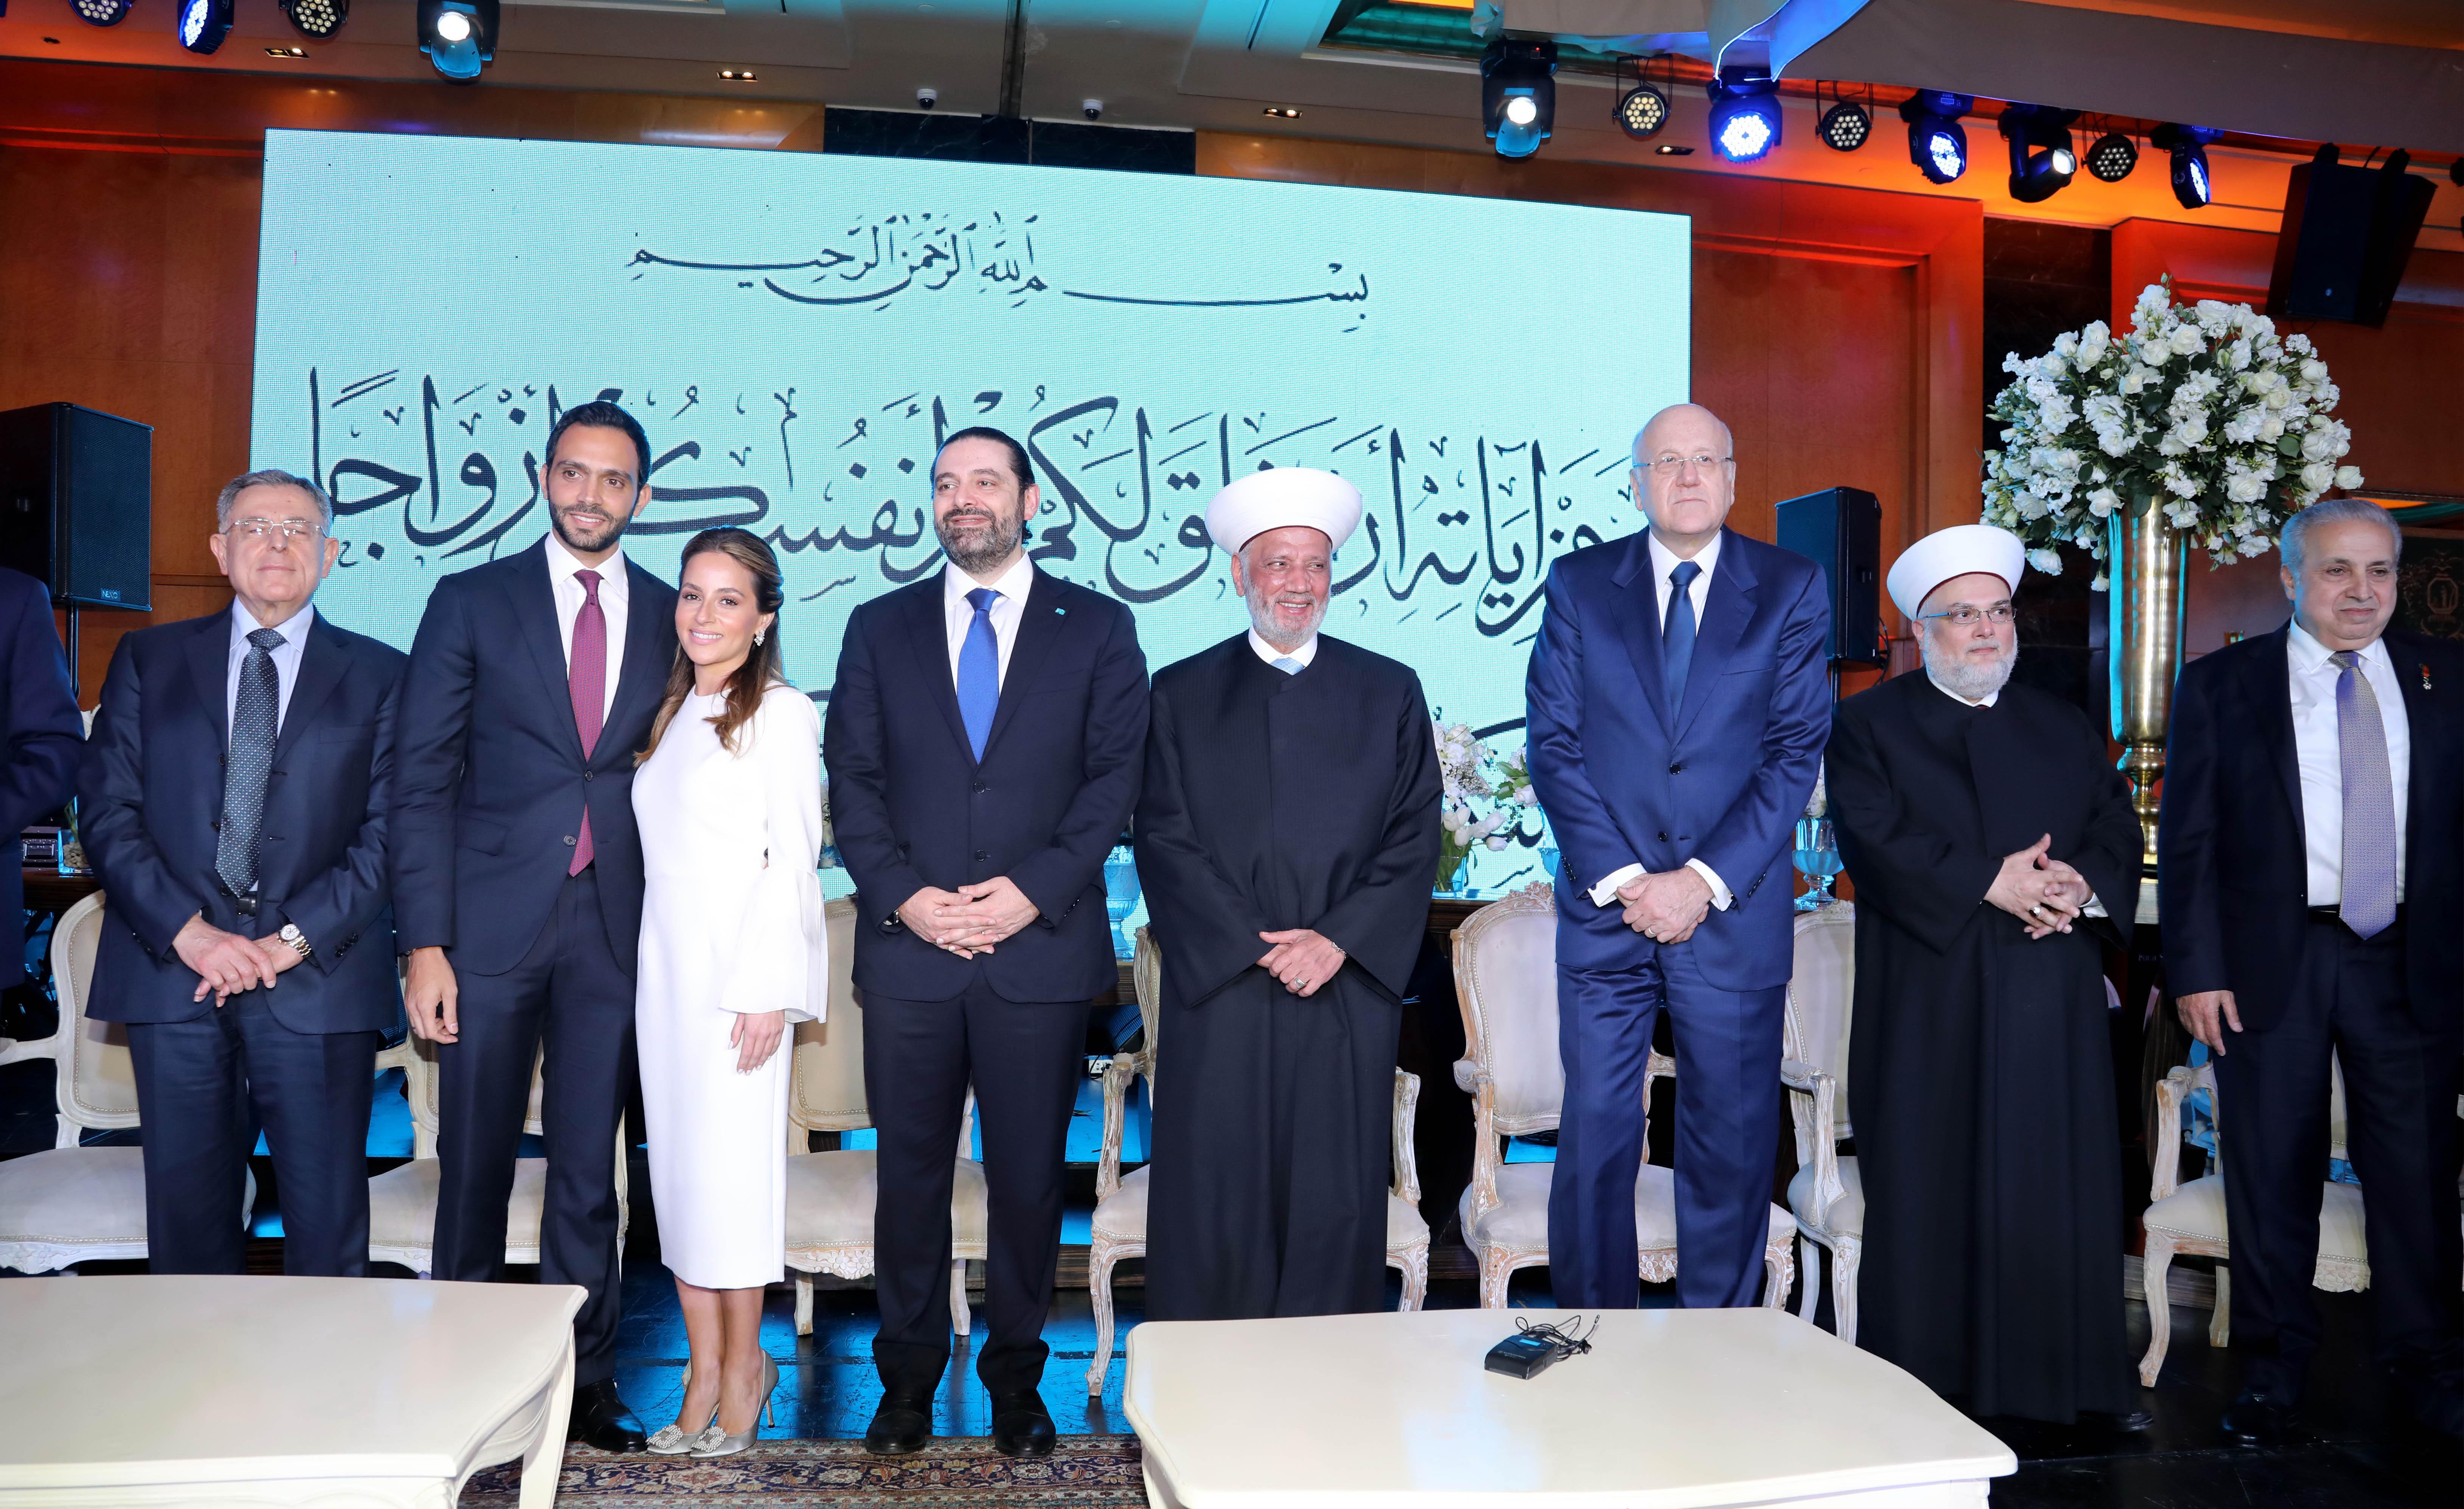 Pr Minister Saad Hariri Honors Mr Ahmad el Barghout 2